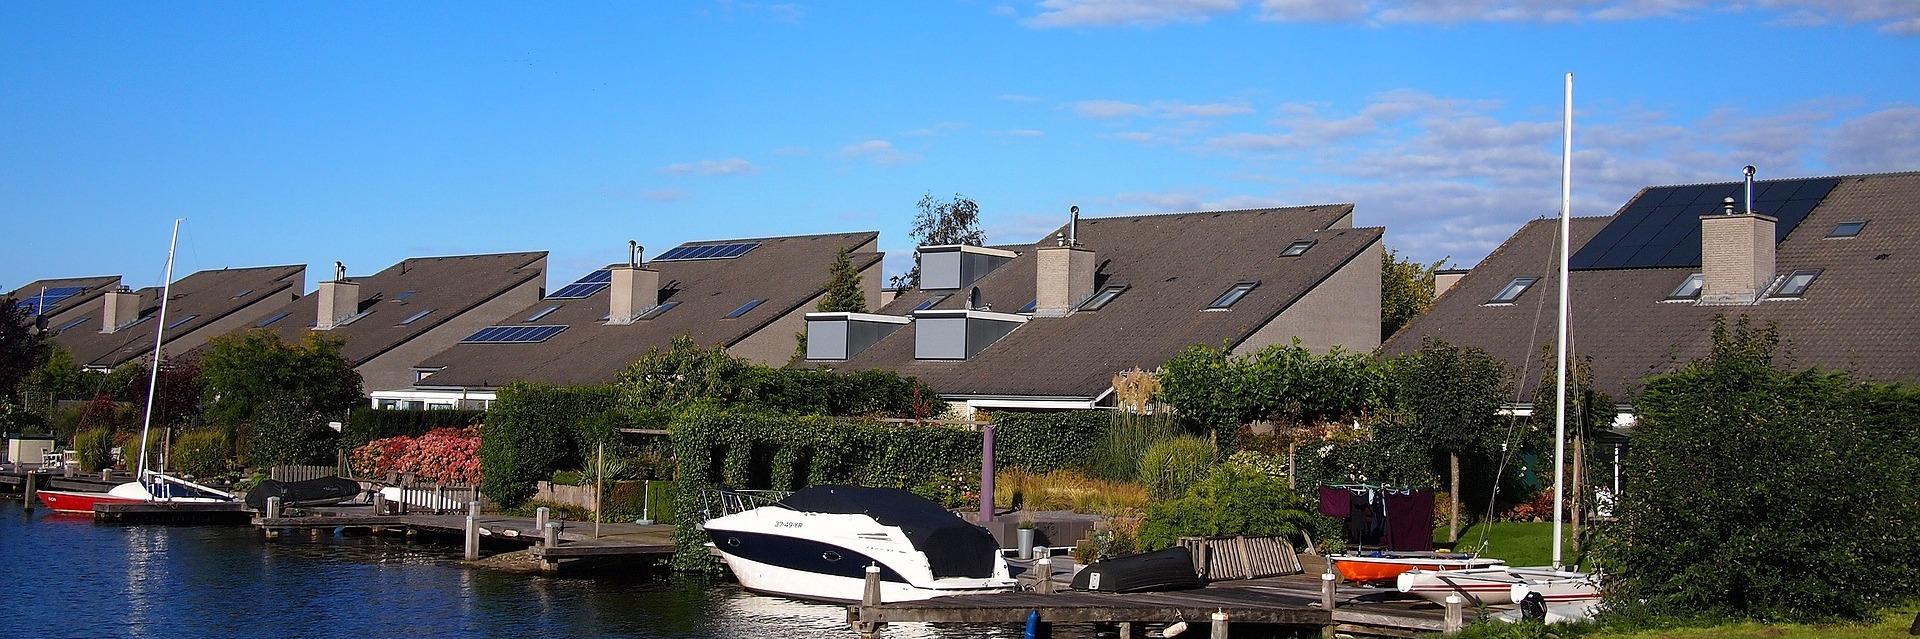 Snel Geld voor Je Woning in Capelle aan den IJssel